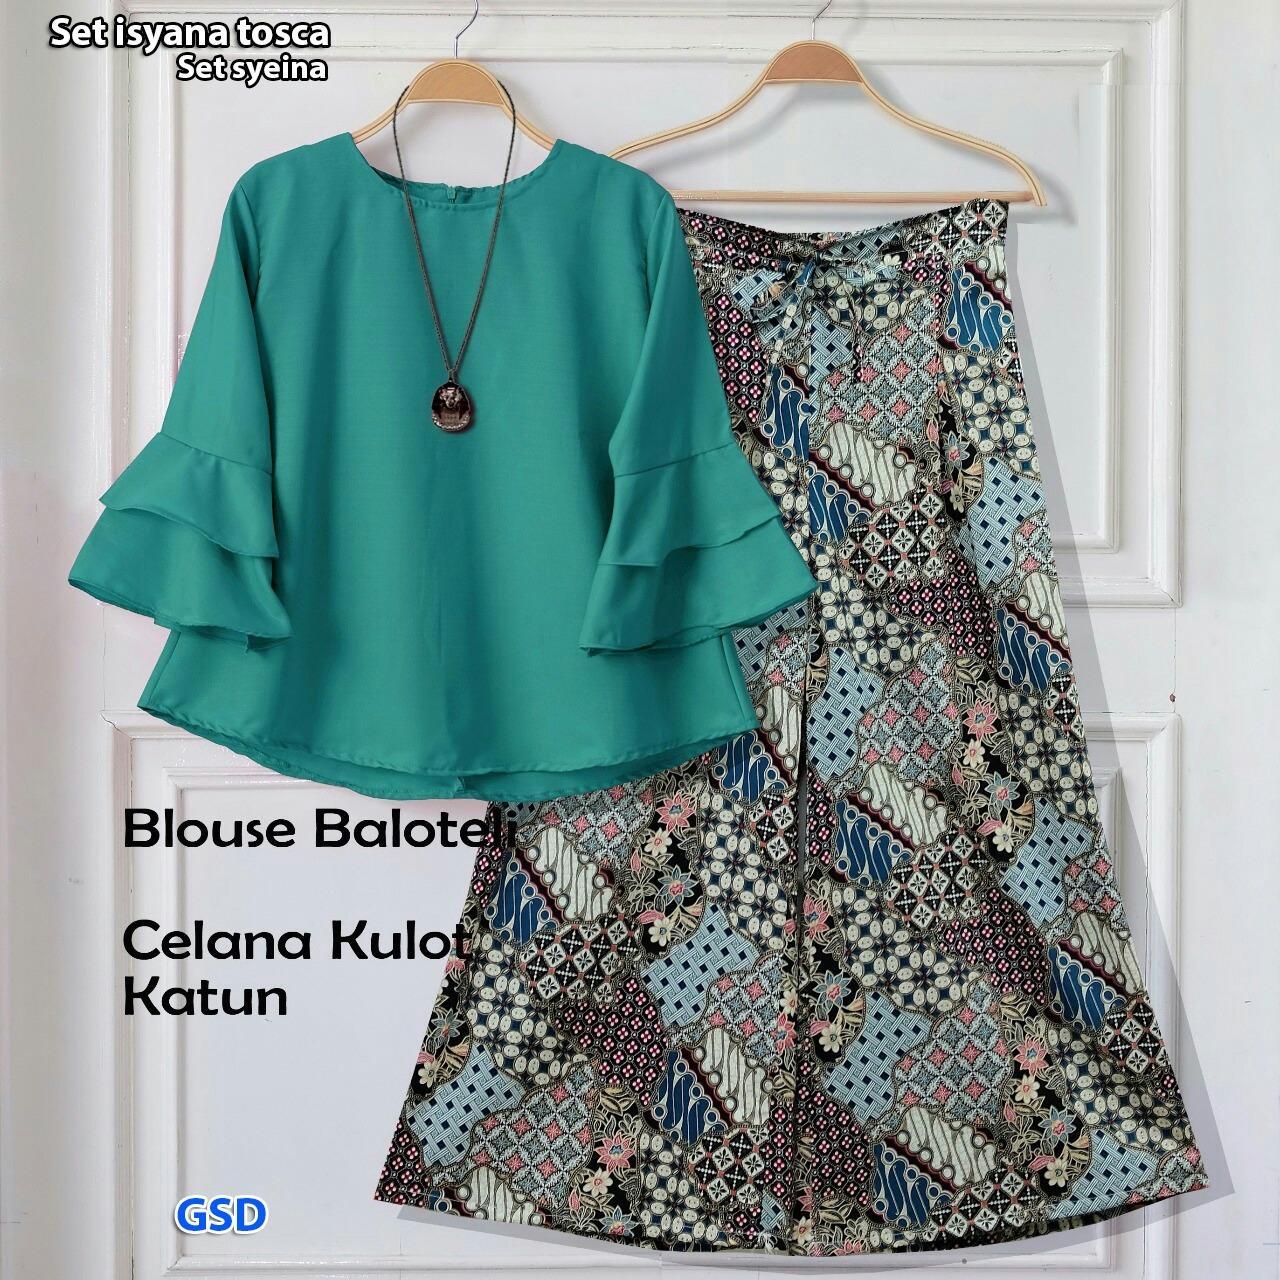 NCR - Setelan Baju Wanita / Celana Kulot / Celana Batik / St Kulot Syeina